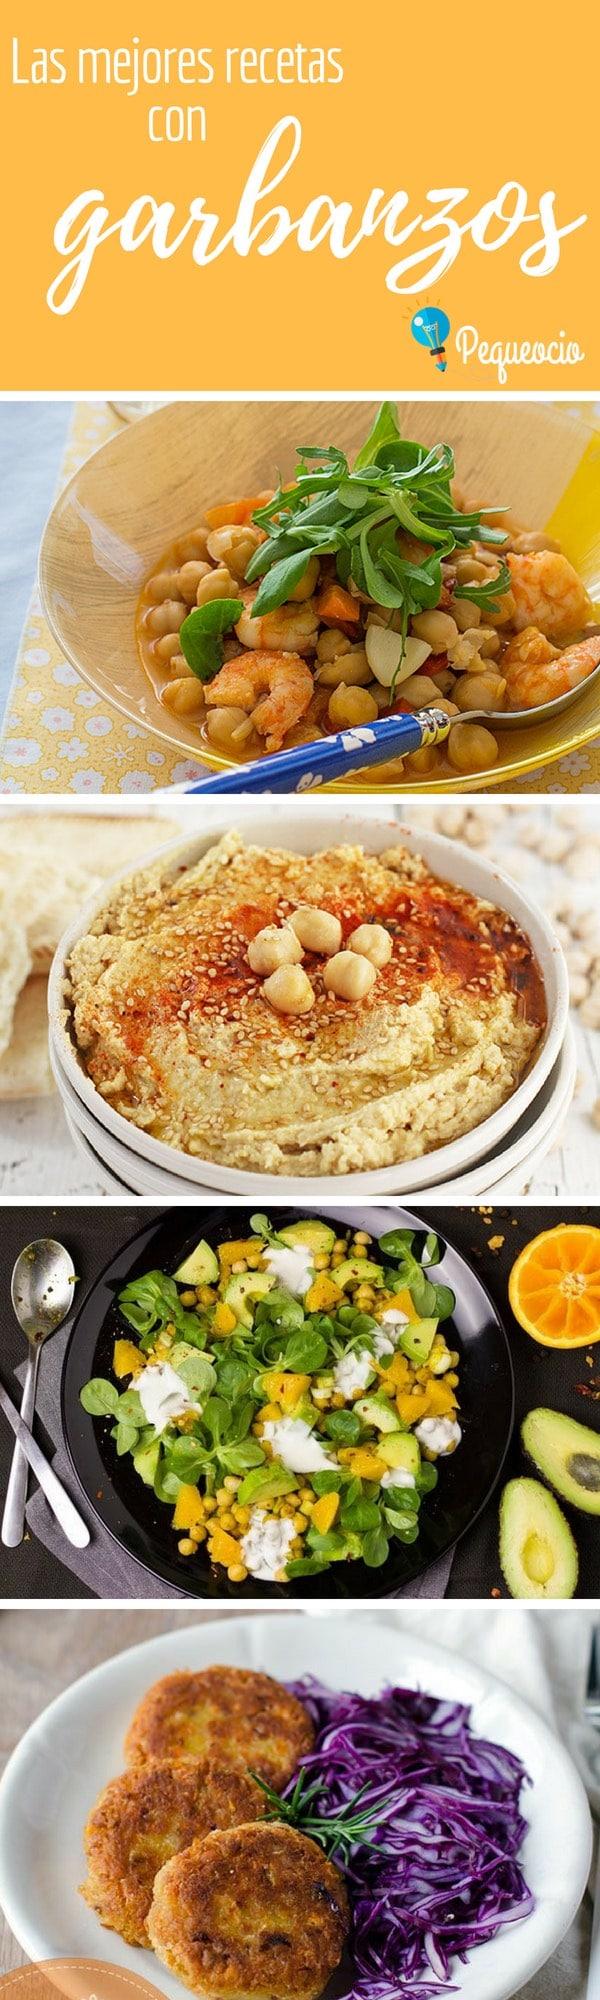 10 recetas con garbanzos (fáciles y muy ricas) 1